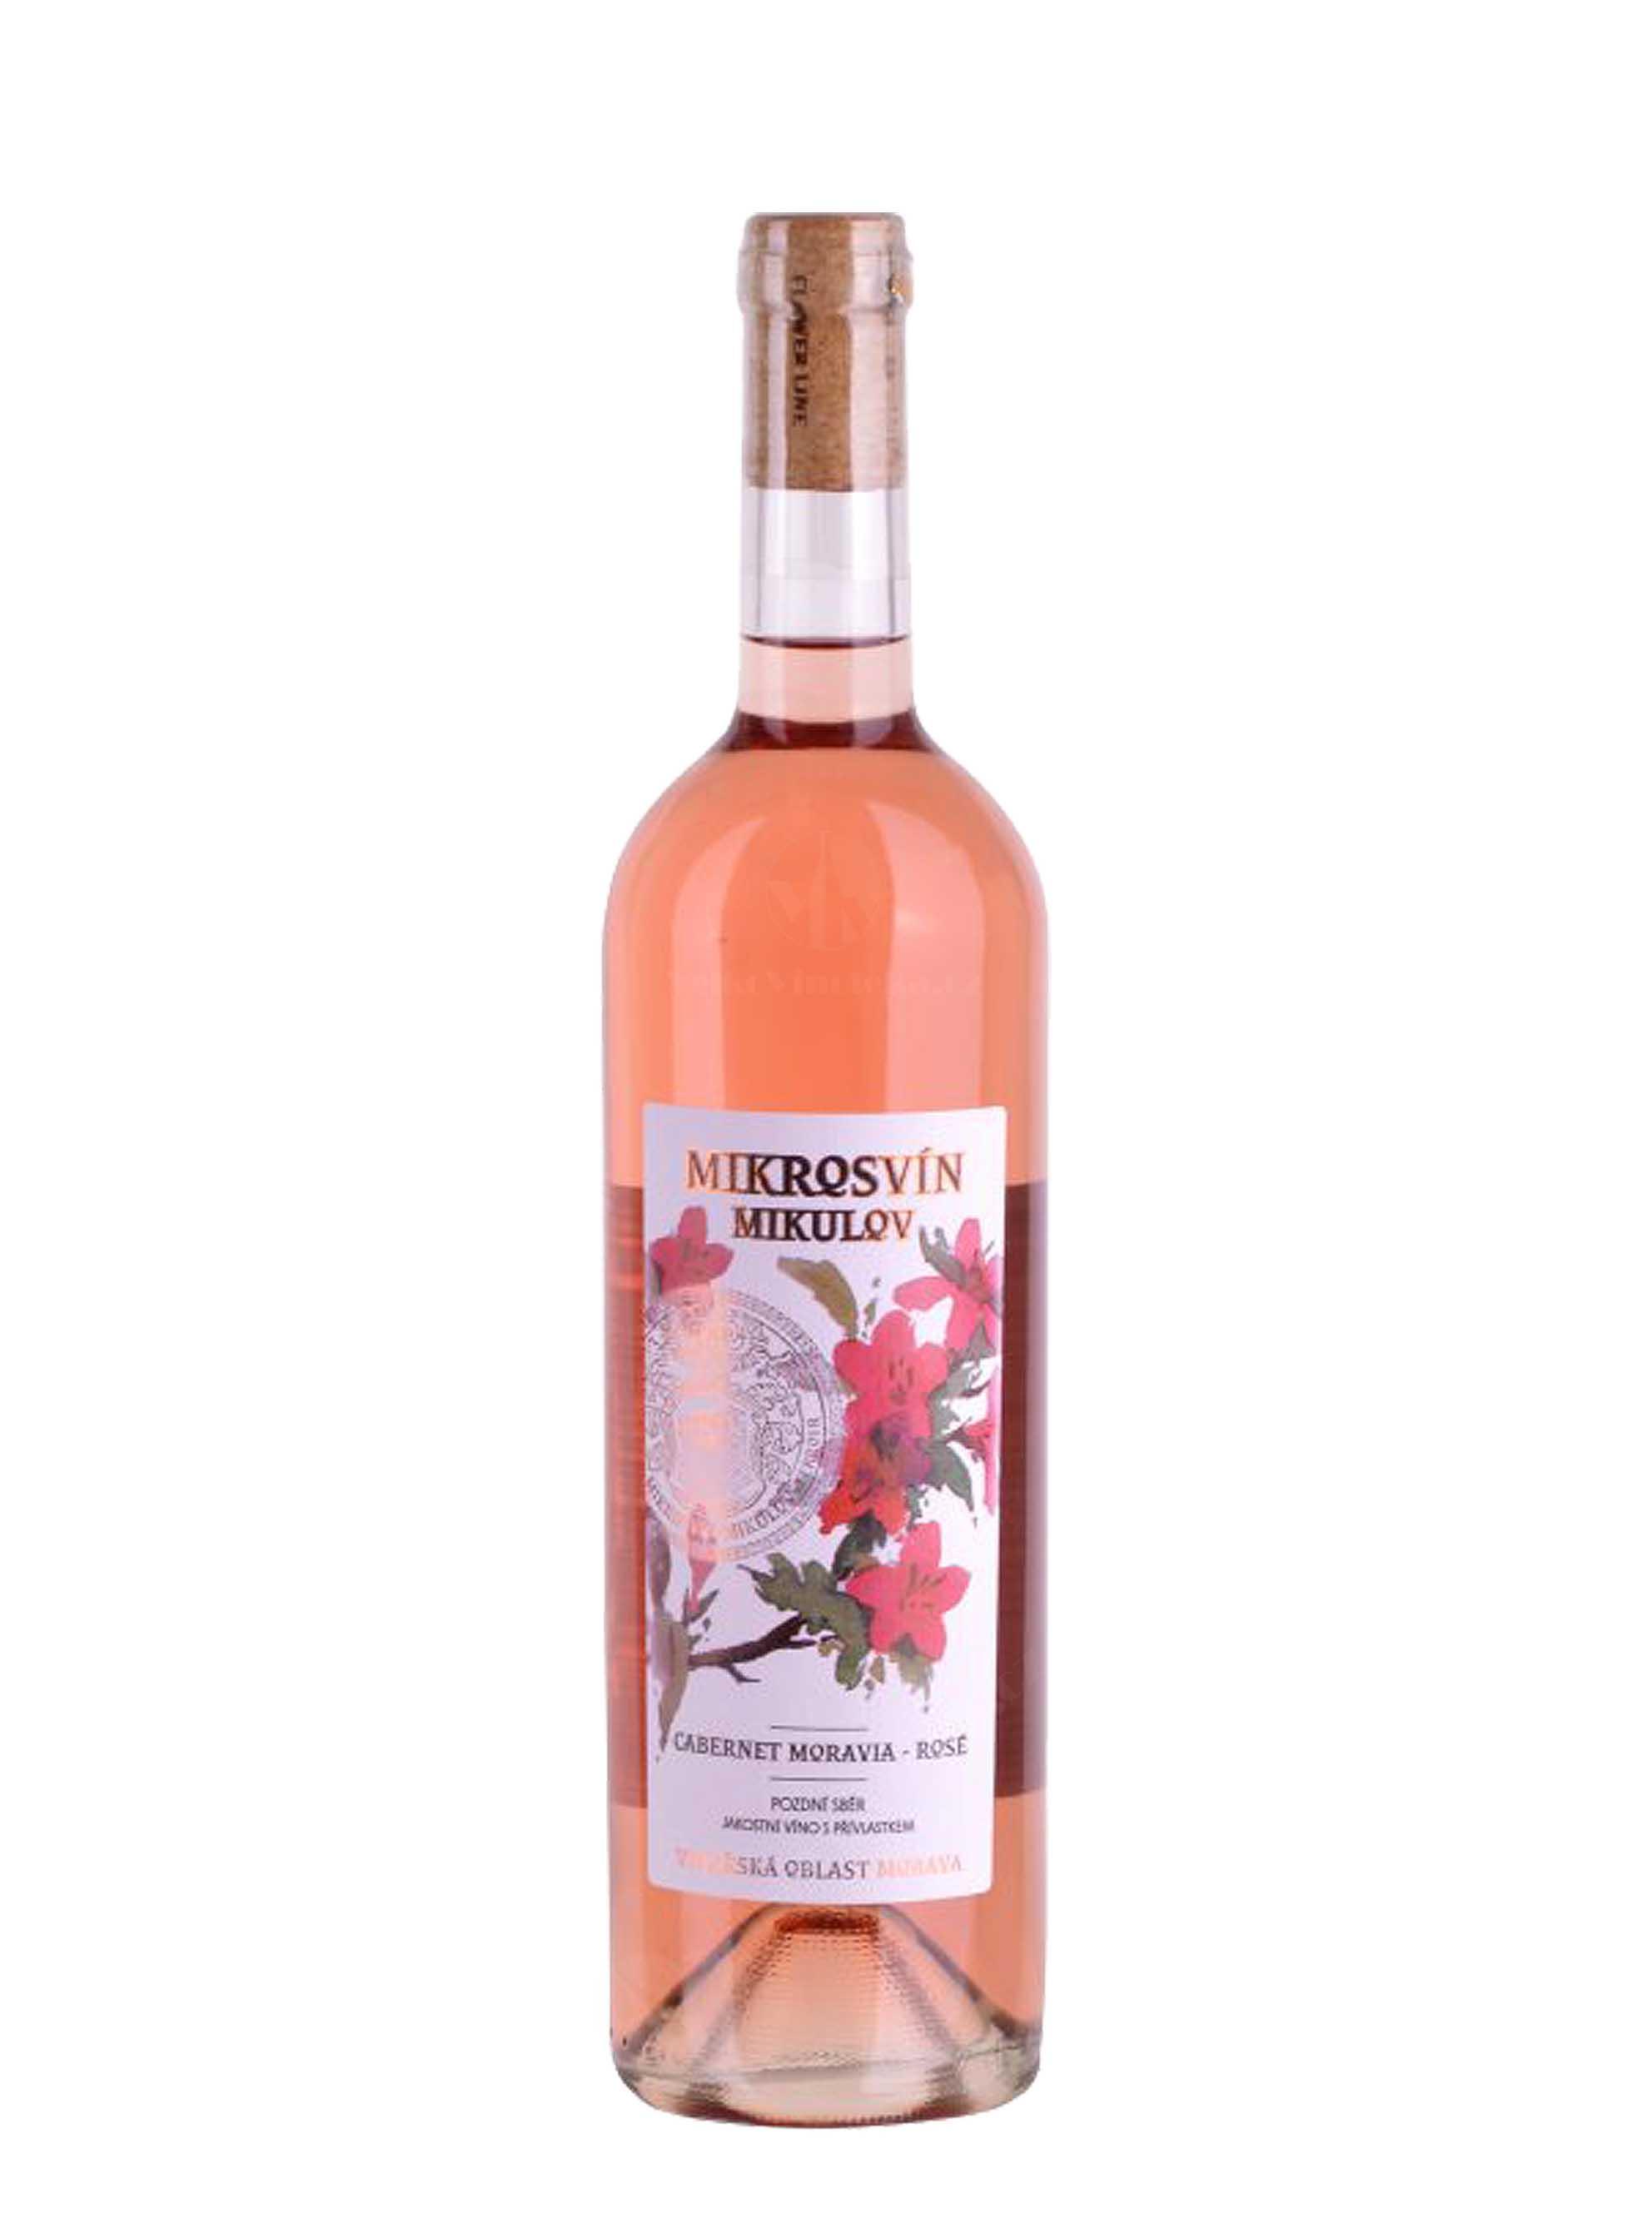 Cabernet Moravia - rosé, Flower Line, Pozdní sběr, 2015, Mikrosvín, 0.75 l